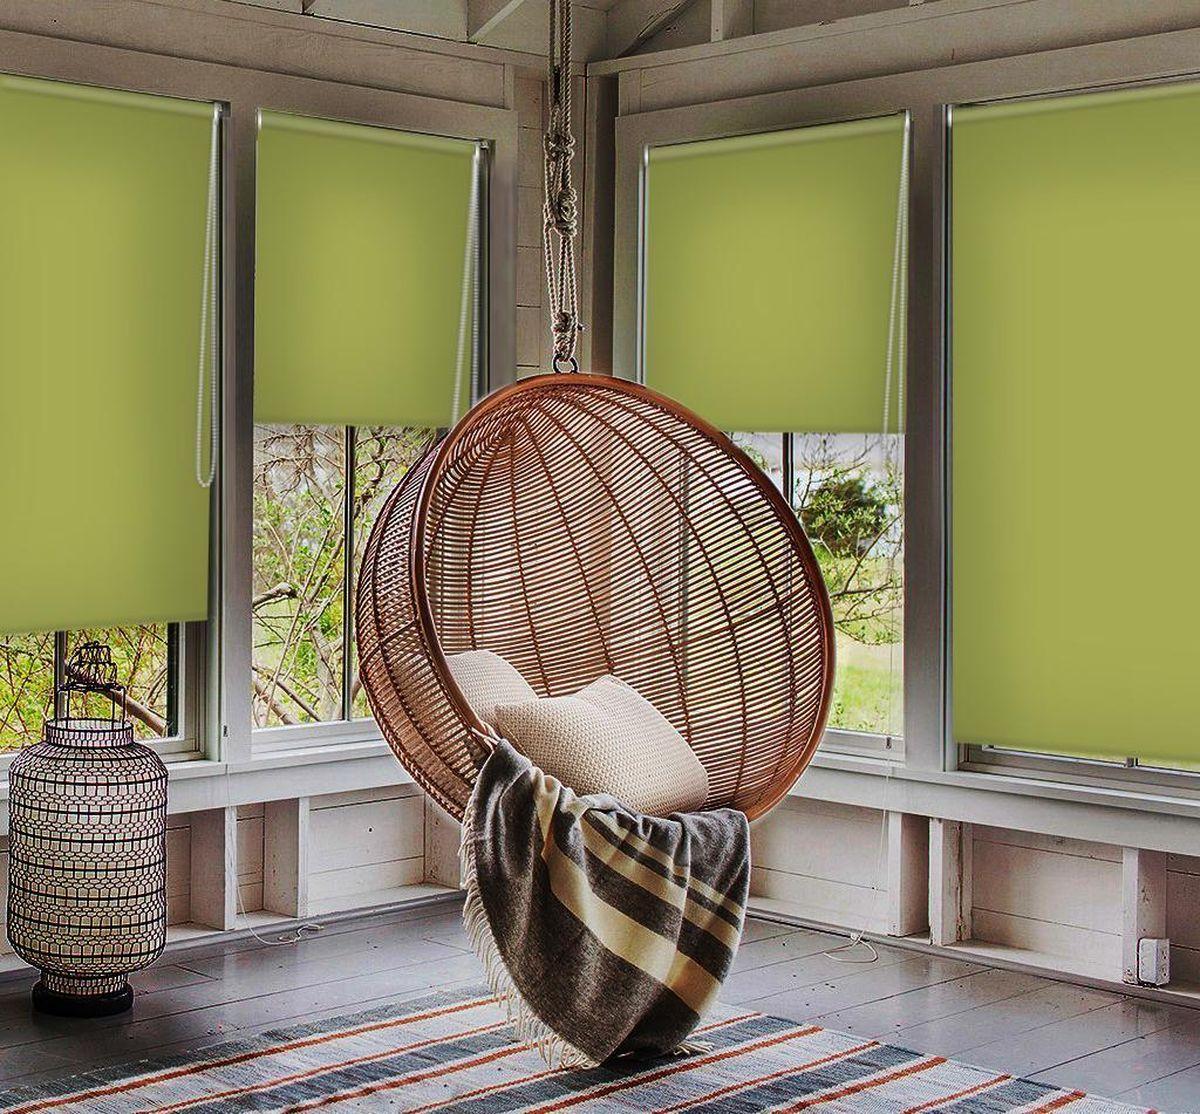 Штора рулонная Эскар Миниролло. Blackout, светонепроницаемые, цвет: оливковый, ширина 73 см, высота 170 см81012140170Рулонные шторы, не пропускающие солнечный свет, изготовляются из полностьюсветонепроницаемого материала блэкаут. Это свойство обеспечивается структурой ткани испециальными вплетенными нитями, удерживающими проникновение света.Шторы, обладающие свойством светонепроницаемости, находят широкое применение вразличных сферах. Они используются в кинотеатрах, фотолабораториях и другихподобных помещениях, где необходимо абсолютное затемнение. В быту такие занавесиприменяются для снижения уровня освещенности детских комнат. Основу готовых штор составляет тканевое полотно, которое при открываниинаматывается на вал, закрепленный в верхней части окна. Для удобства управления ировного натяжения полотна снизу оно утяжелено пластиной.Светонепроницаемость 100%. Полотна фиксируются с помощью трубы диаметром 17 мм. Крепятсяна раму безсверления благодаря клипсе или площадке с двустороннем скотчем, входящим в комплект. Преимущества применения рулонных штор для пластиковых окон: - имеют прекрасный внешний вид: многообразие и фактурность материала изделияотлично смотрятся в любом интерьере; - многофункциональны: есть возможность подобрать шторы способные эффективнозащитить комнату от солнца, при этом она не будет слишком темной;- есть возможность осуществить быстрый монтаж.ВНИМАНИЕ! Ширина изделия указана по ширине ткани!Во время эксплуатации не рекомендуется полностью разматывать рулон, чтобы неоторвать ткань от намоточного вала.В случае загрязнения поверхности ткани, чистку шторы проводят одним из способов, взависимости от типа загрязнения: - легкое поверхностное загрязнение можно удалить при помощи канцелярского ластика;- чистка от пыли производится сухим методом при помощи пылесоса с мягкой щеткой- насадкой; - для удаления пятна используйте мягкую губку с пенообразующим неагрессивныммоющим средством или пятновыводитель на натуральной основе (нельзя применятьрастворители